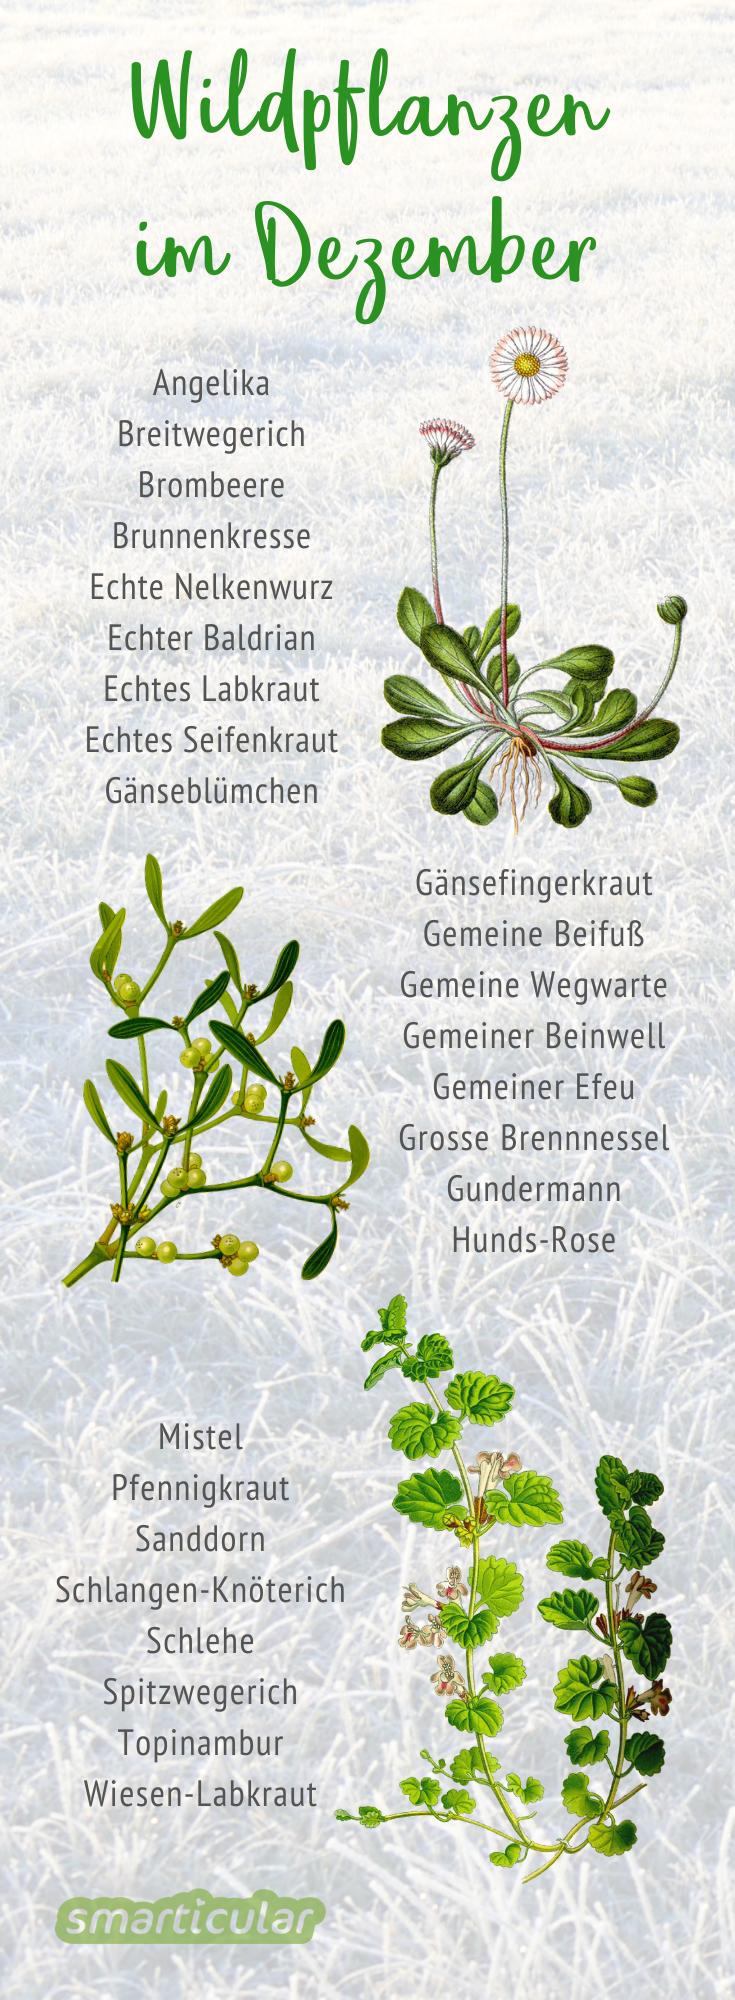 Zwar findet man im Dezember nicht mehr viele verschiedene Wildkräuter. Dennoch lohnt sich das Sammeln noch. Auch Wurzeln und Früchte kann man jetzt ernten.